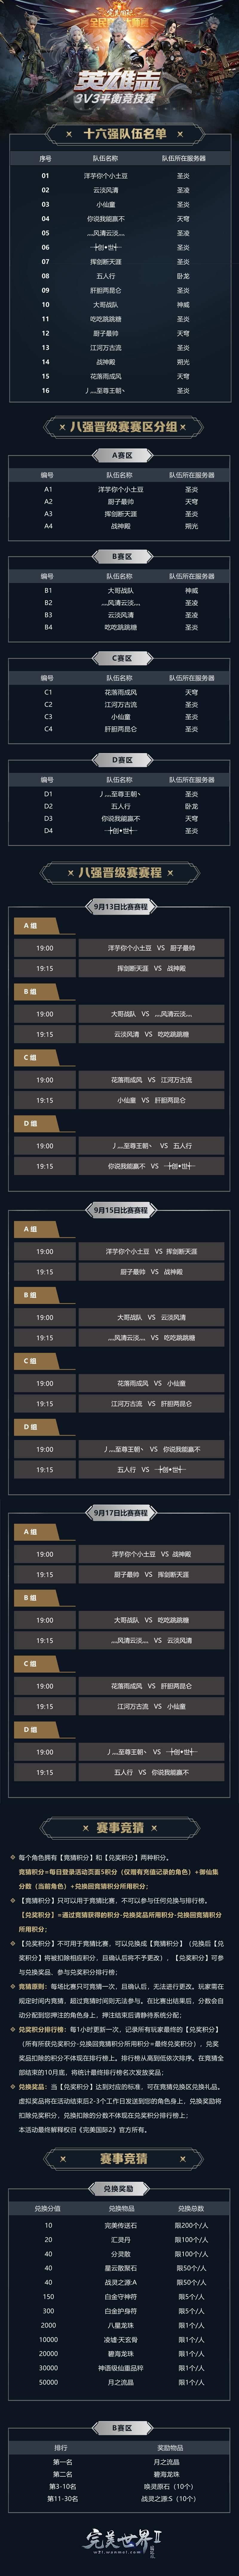 图片: 10-3V3精英挑战赛-名单-十六强队伍名单(2)9.10_副本.jpg